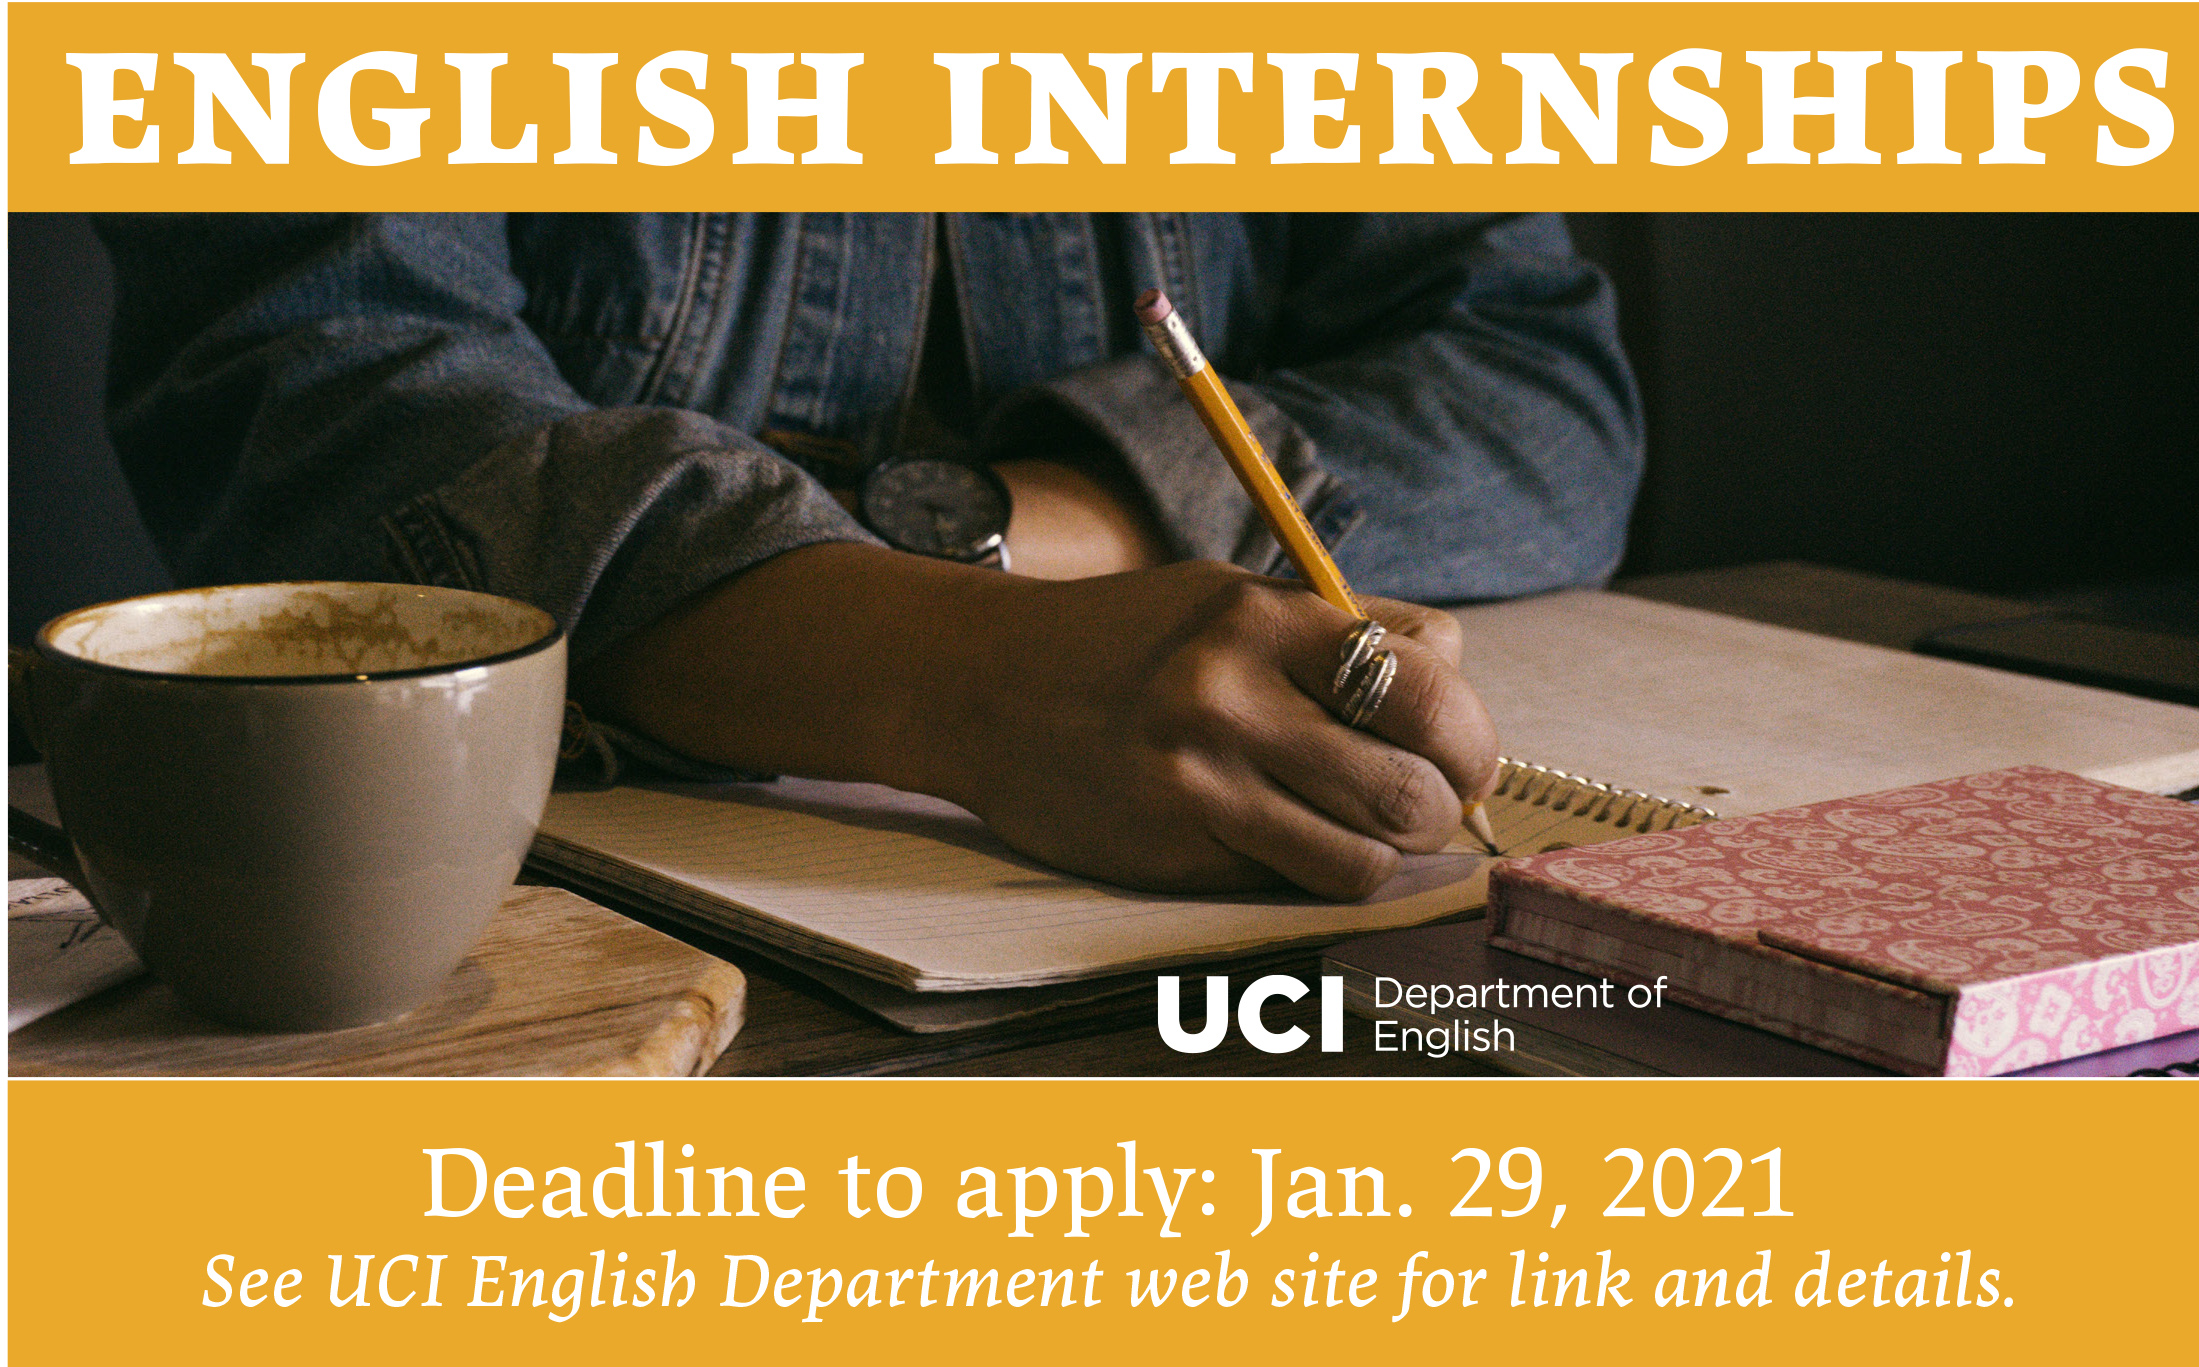 English Internship program